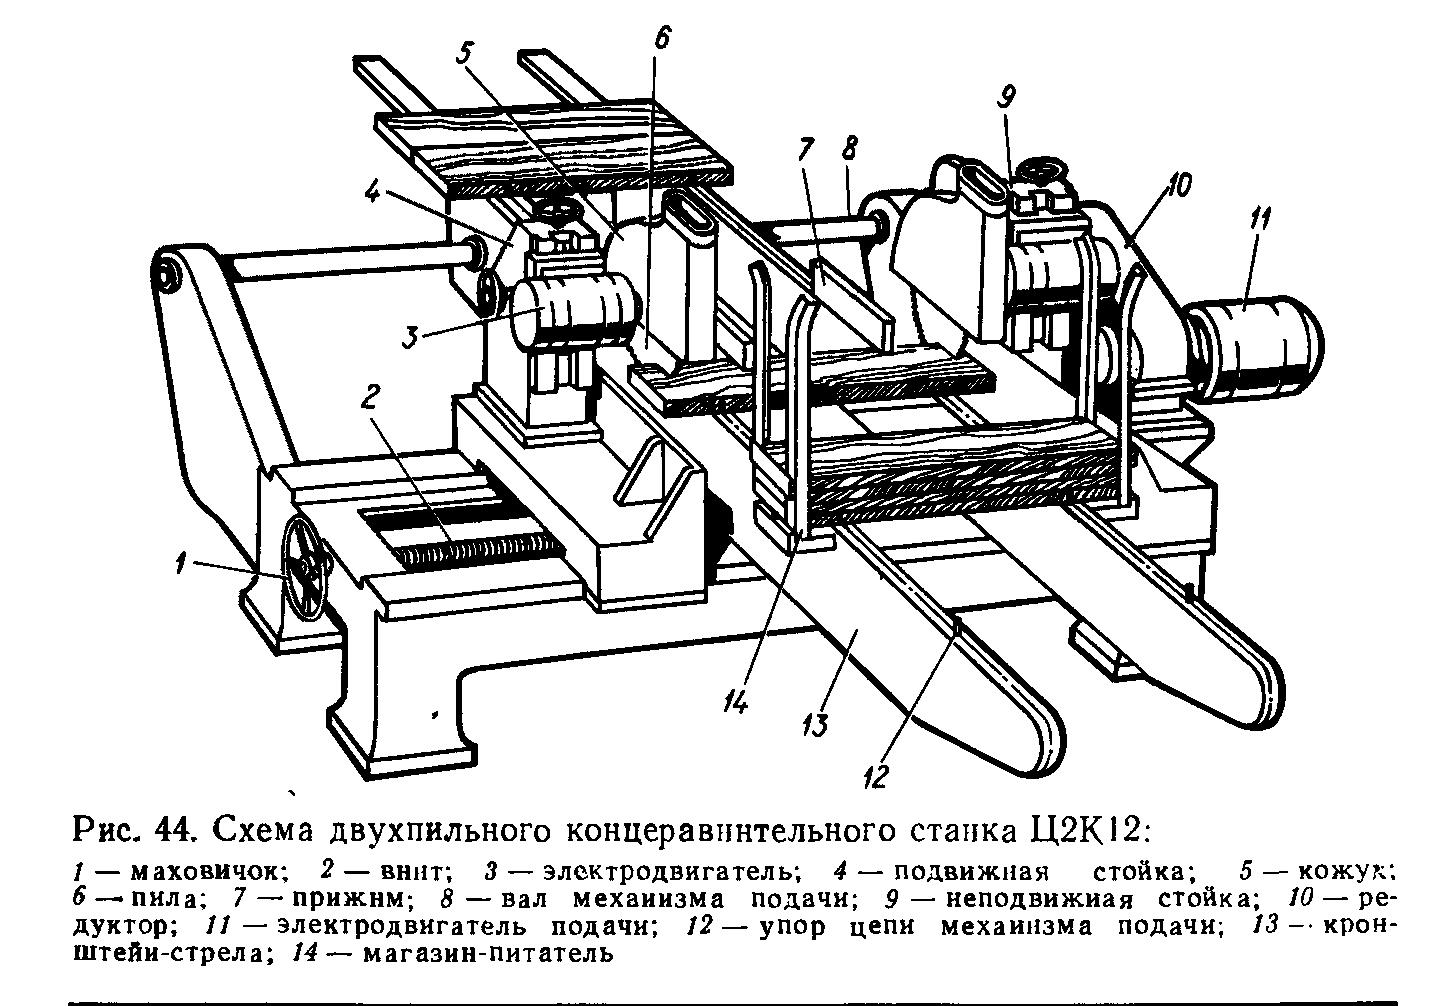 Схемы форматного станка